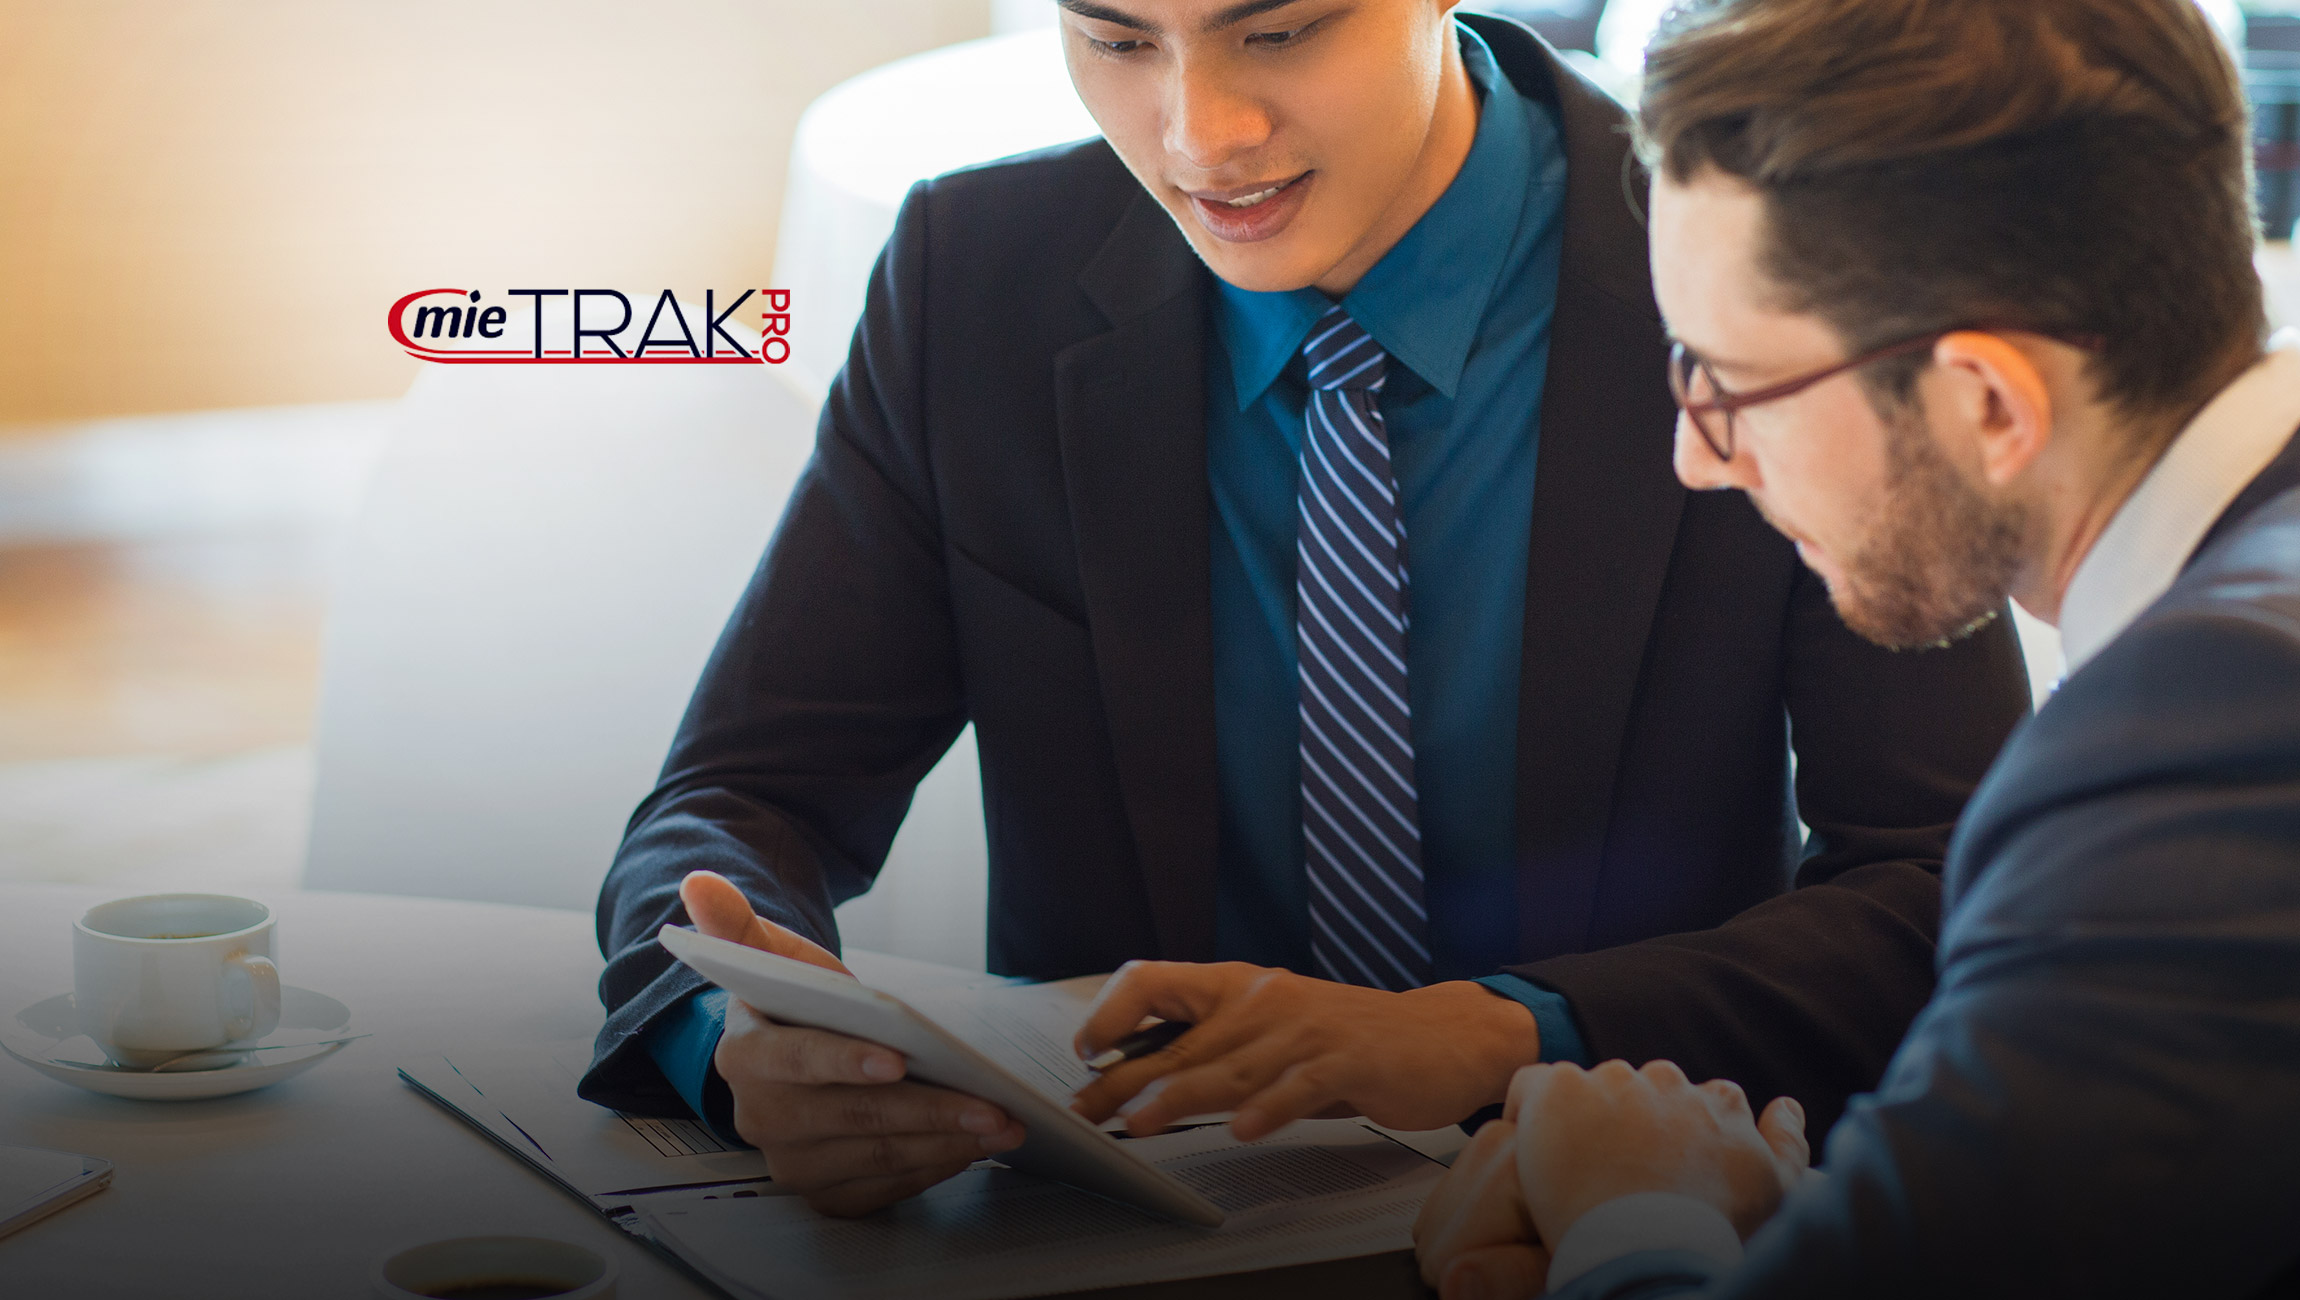 MIE Trak Pro Named FrontRunner for ERP Software for 2020